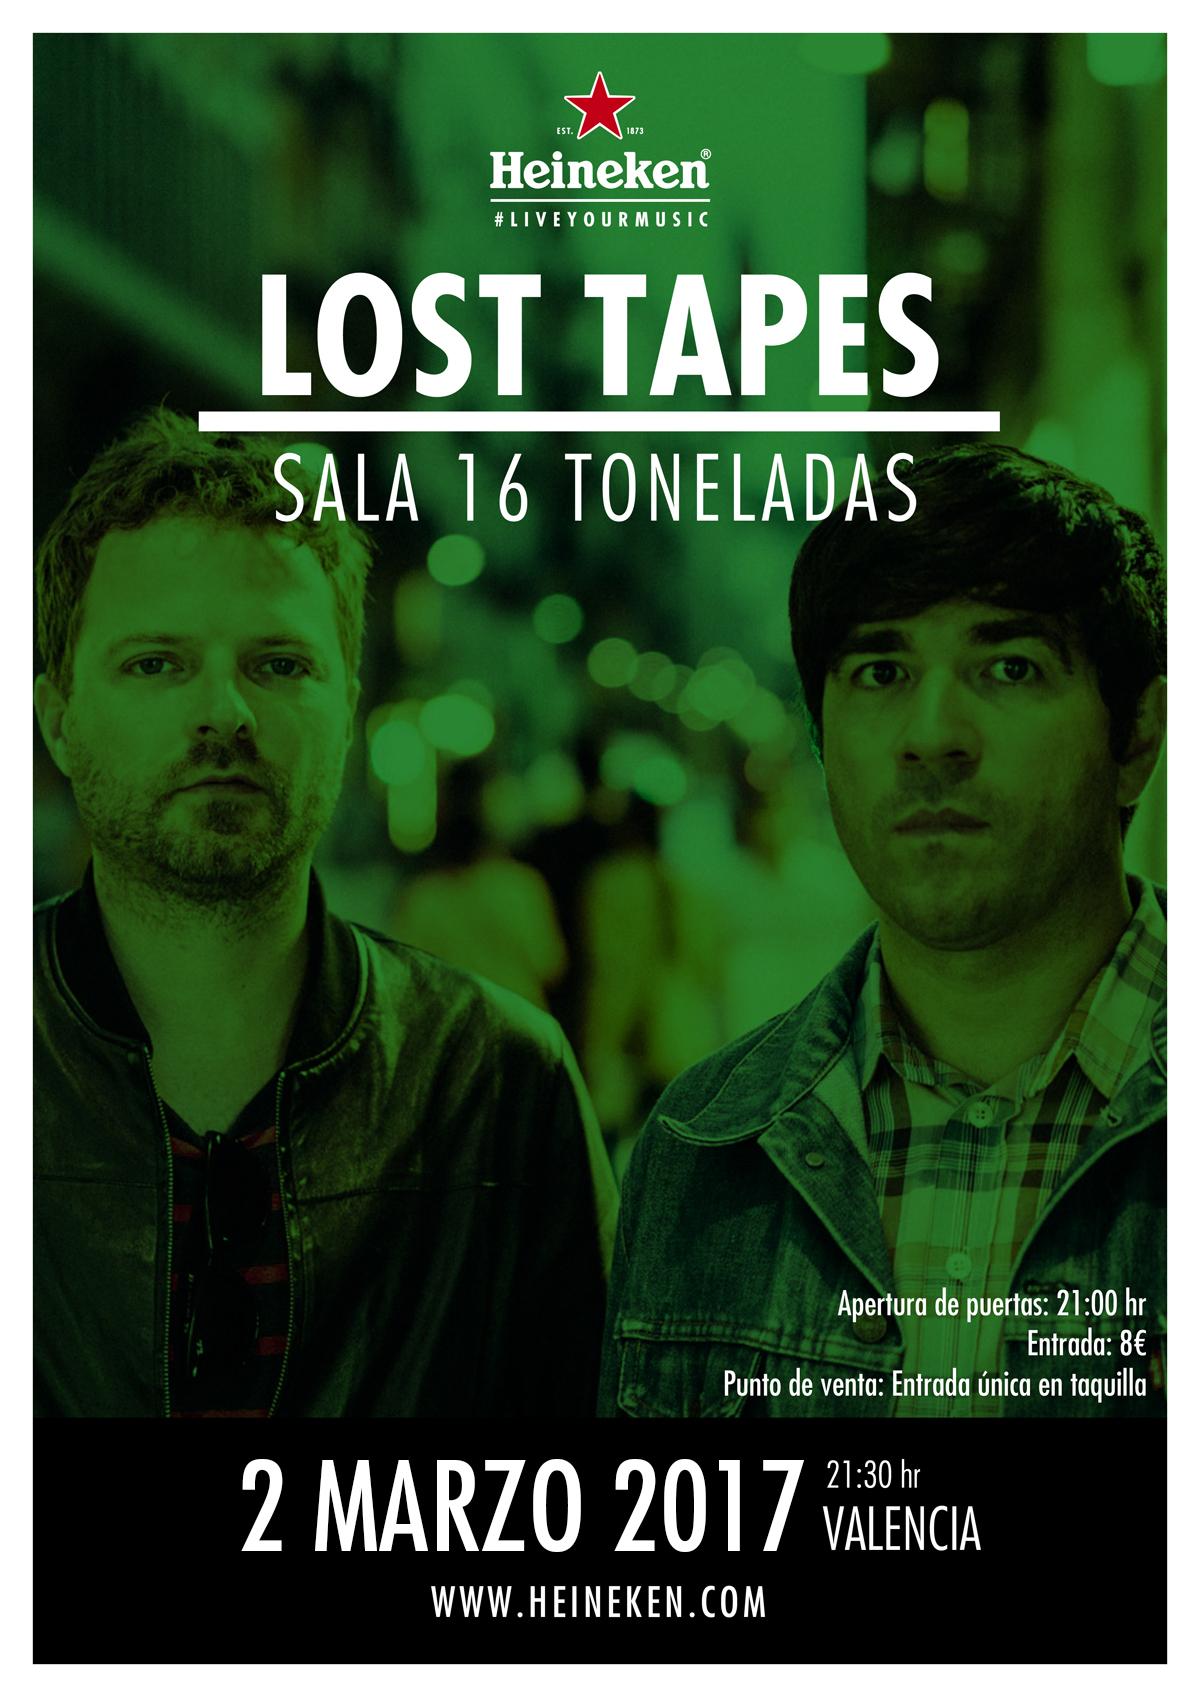 losttapes_16toneladas_2mar17